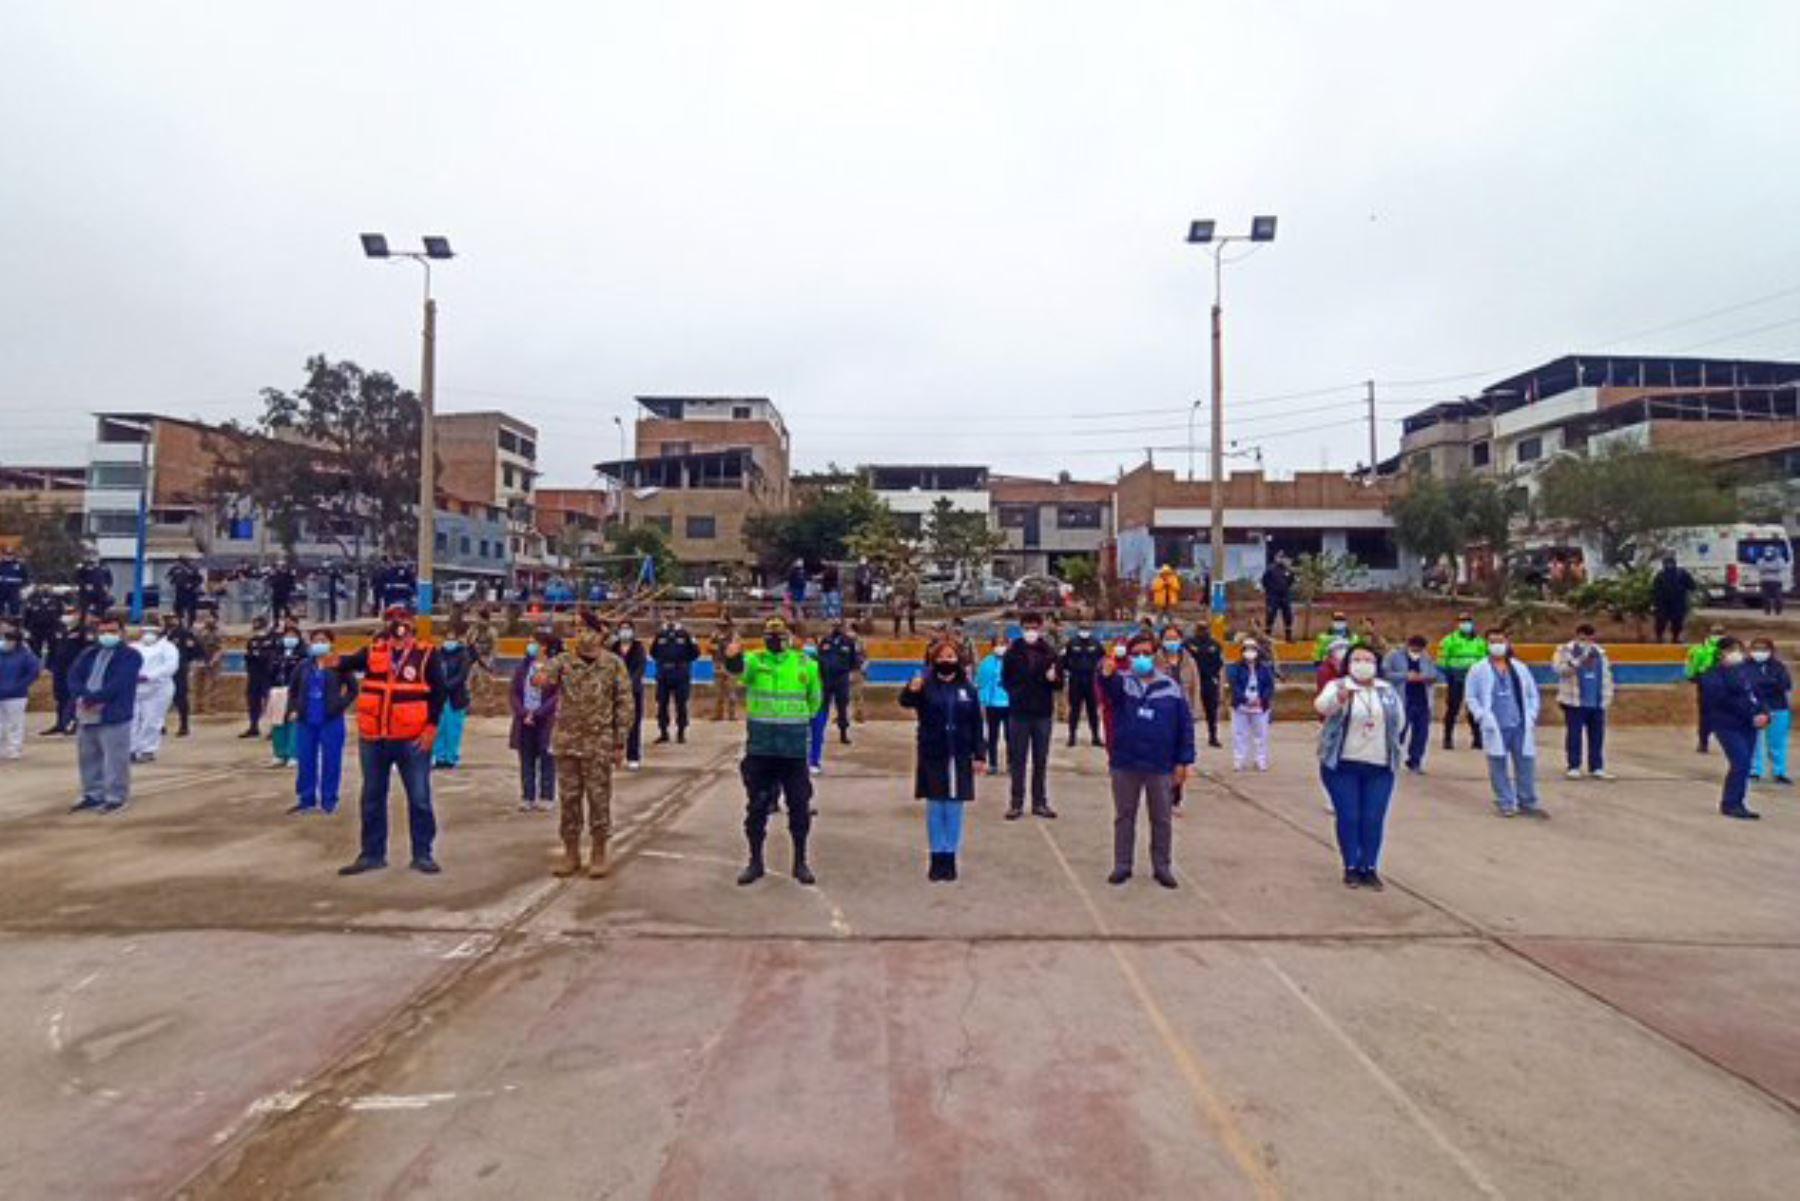 """Esta mañana se dio inicio a la tercera """"Operación Tayta"""" en Villa El Salvador. Los 15 equipos de respuesta rápida de DIRIS Lima Sur visitarán 220 personas vulnerables a fin de realizar evaluación médica y prueba de covid-19. Foto: @DIRISLimaSur"""